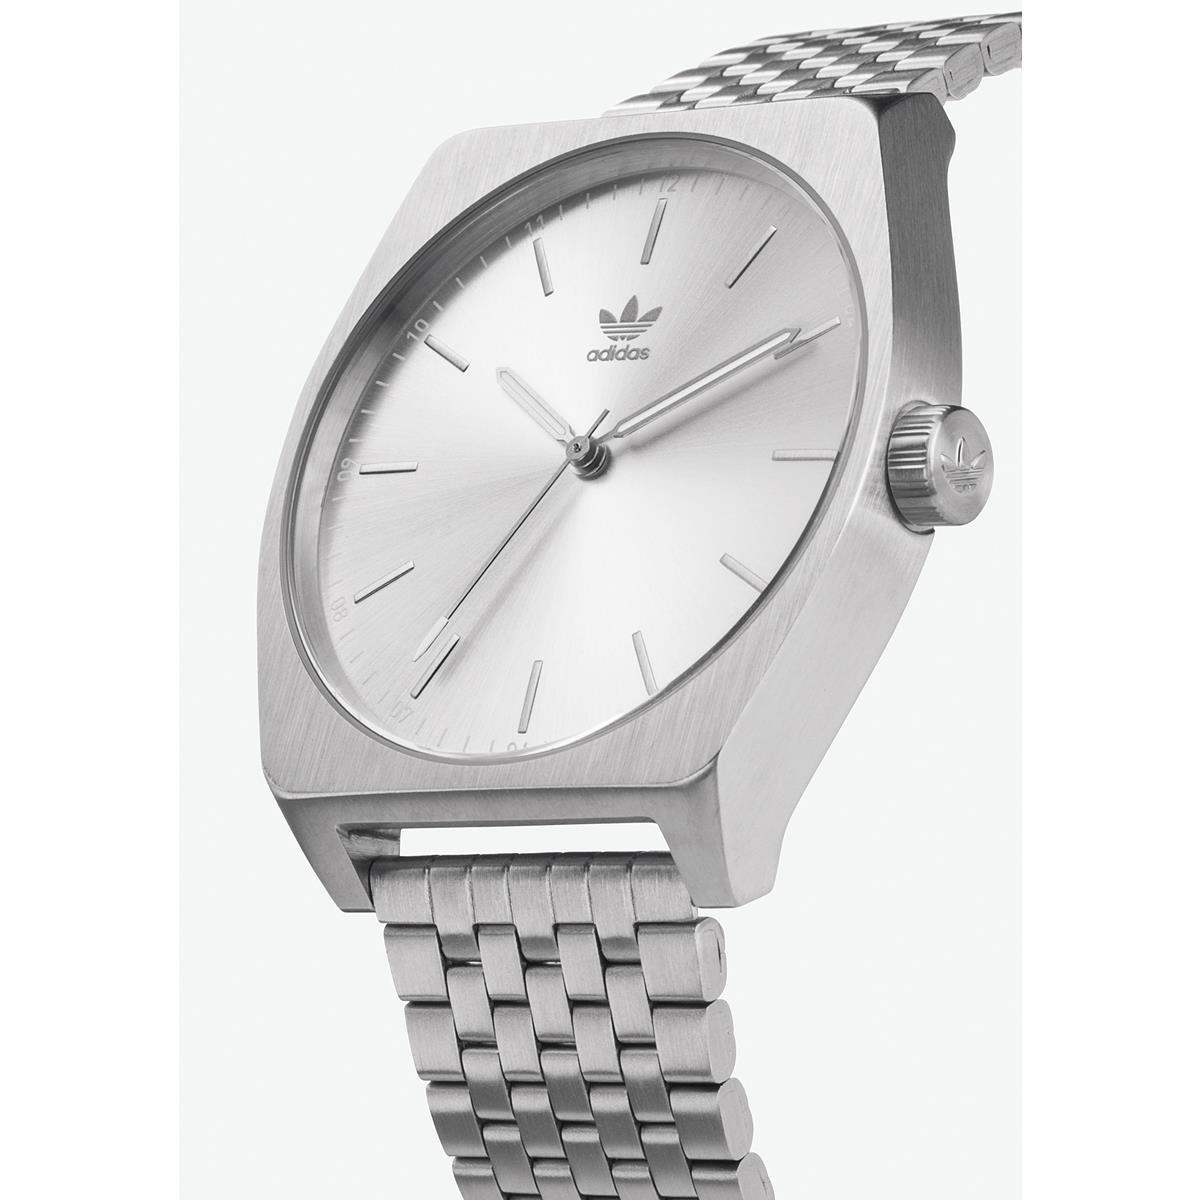 Adidas by Nixon Reloj Analogico para Hombre de Cuarzo con Correa en Acero  Inoxidable Z02-1920-00 1639519c092